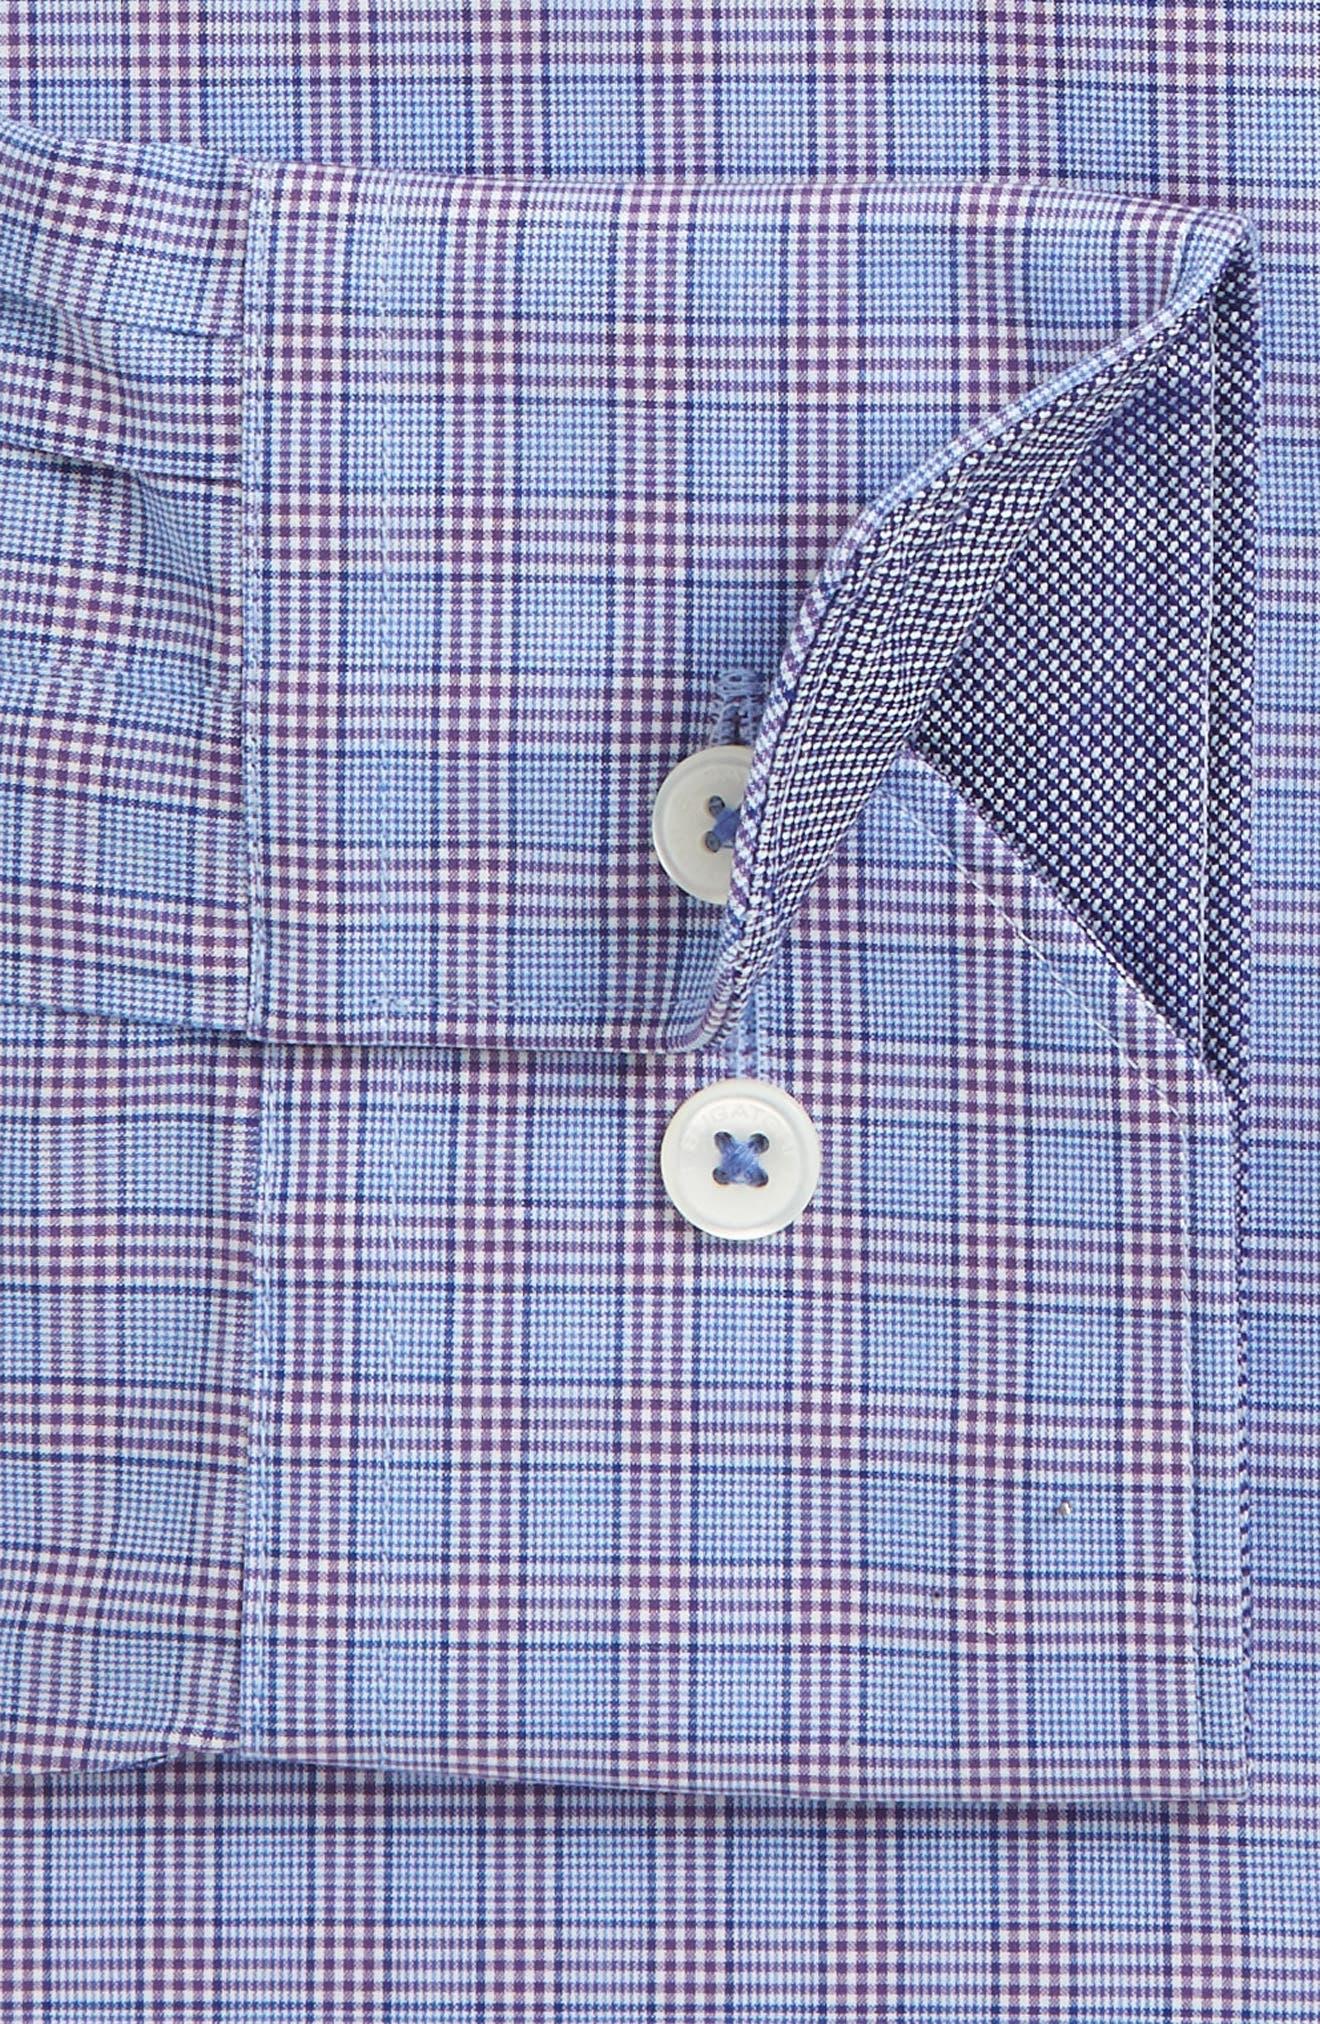 Trim Fit Plaid Dress Shirt,                             Alternate thumbnail 2, color,                             Classic Blue